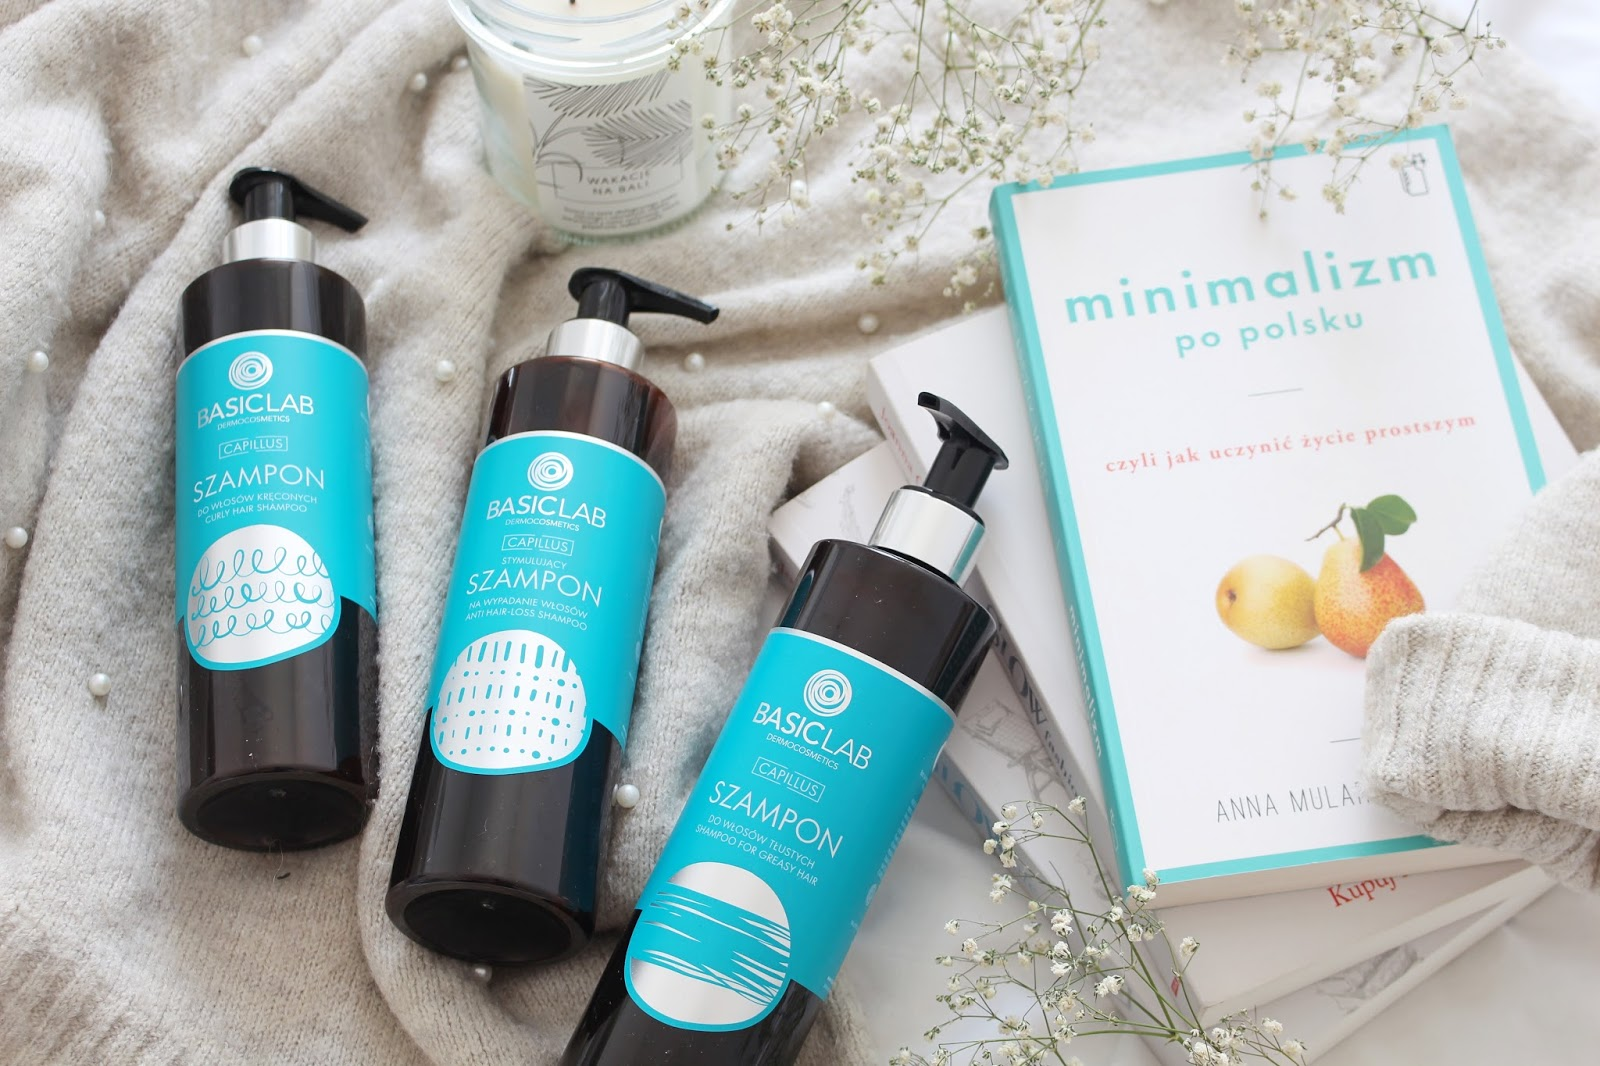 basiclab szampon przeciw wypadaniu włosów opinie